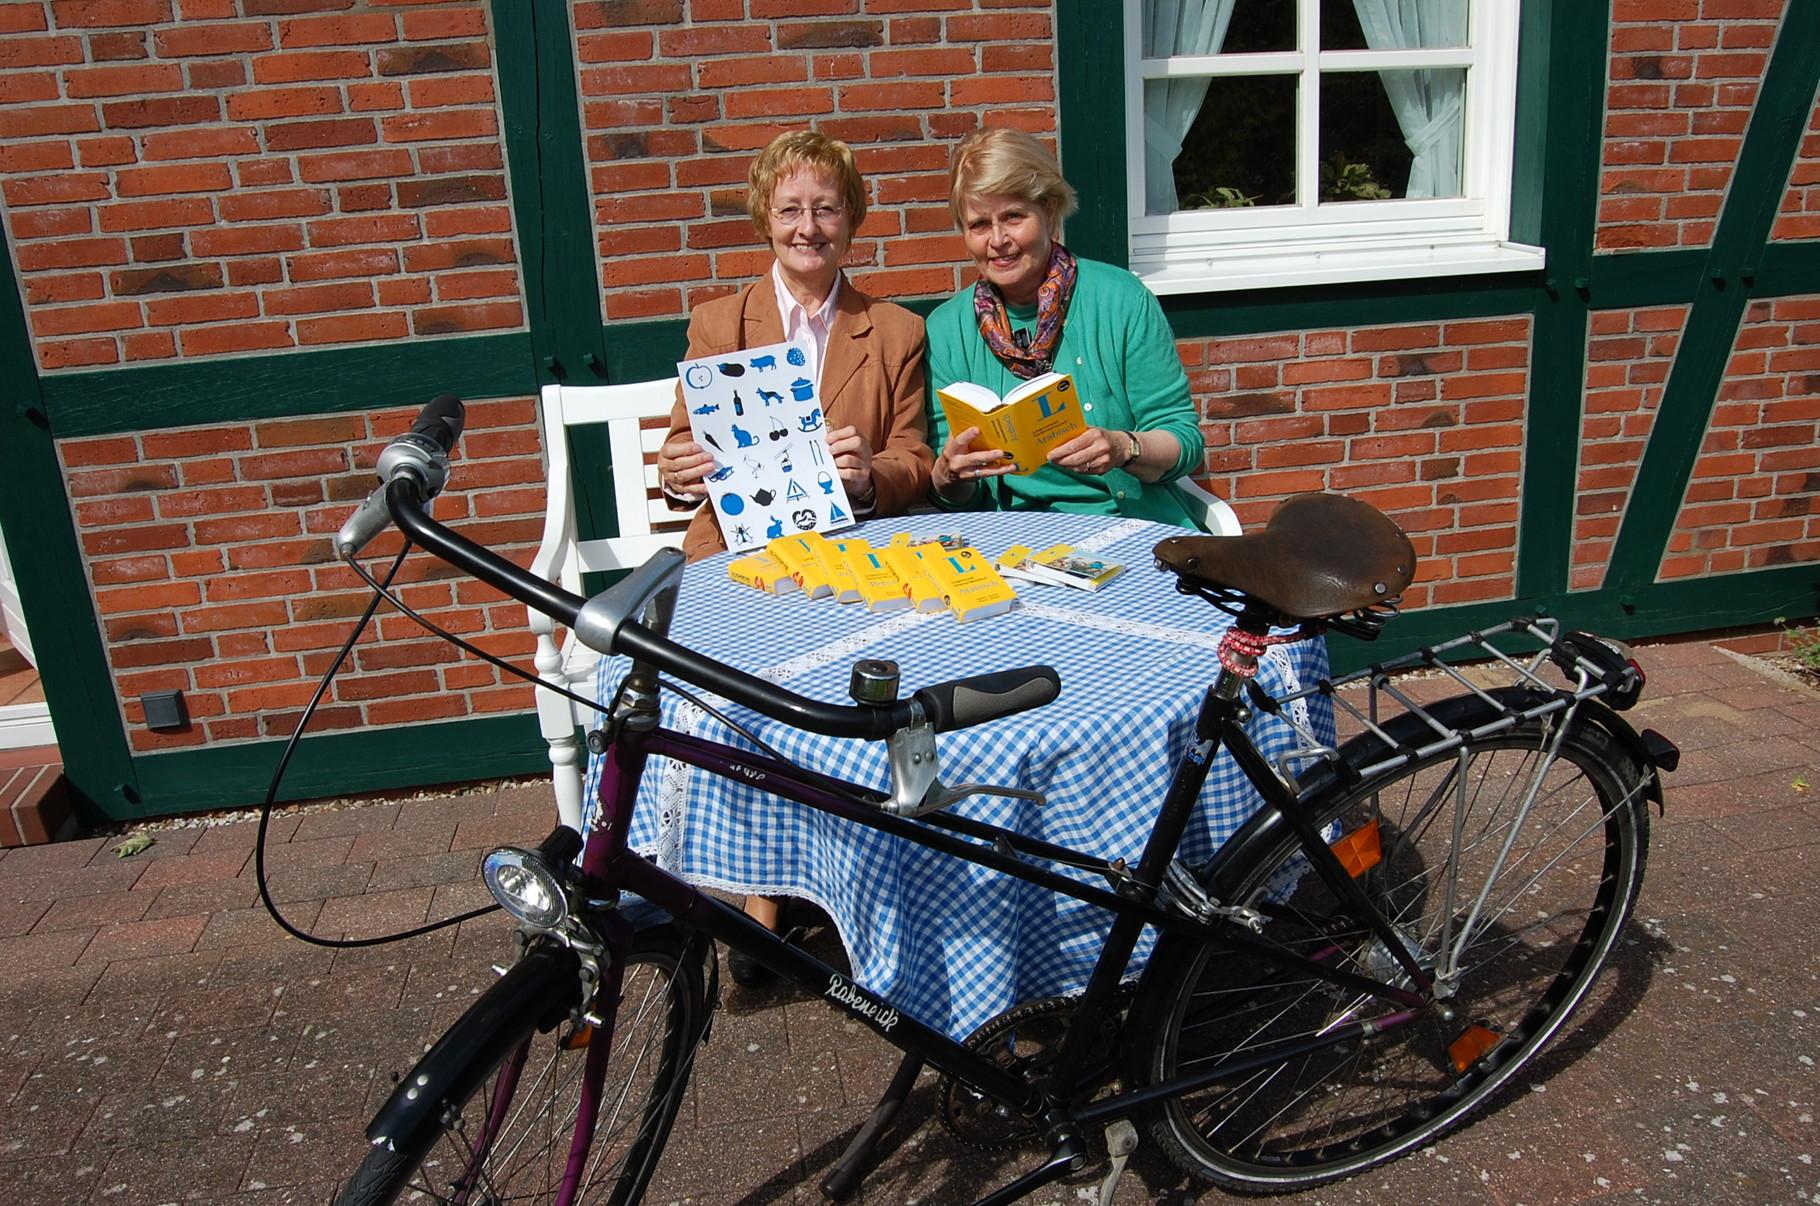 Gesucht: Fahrräder und Bildungspaten (Foto: Sabine Nitschke)